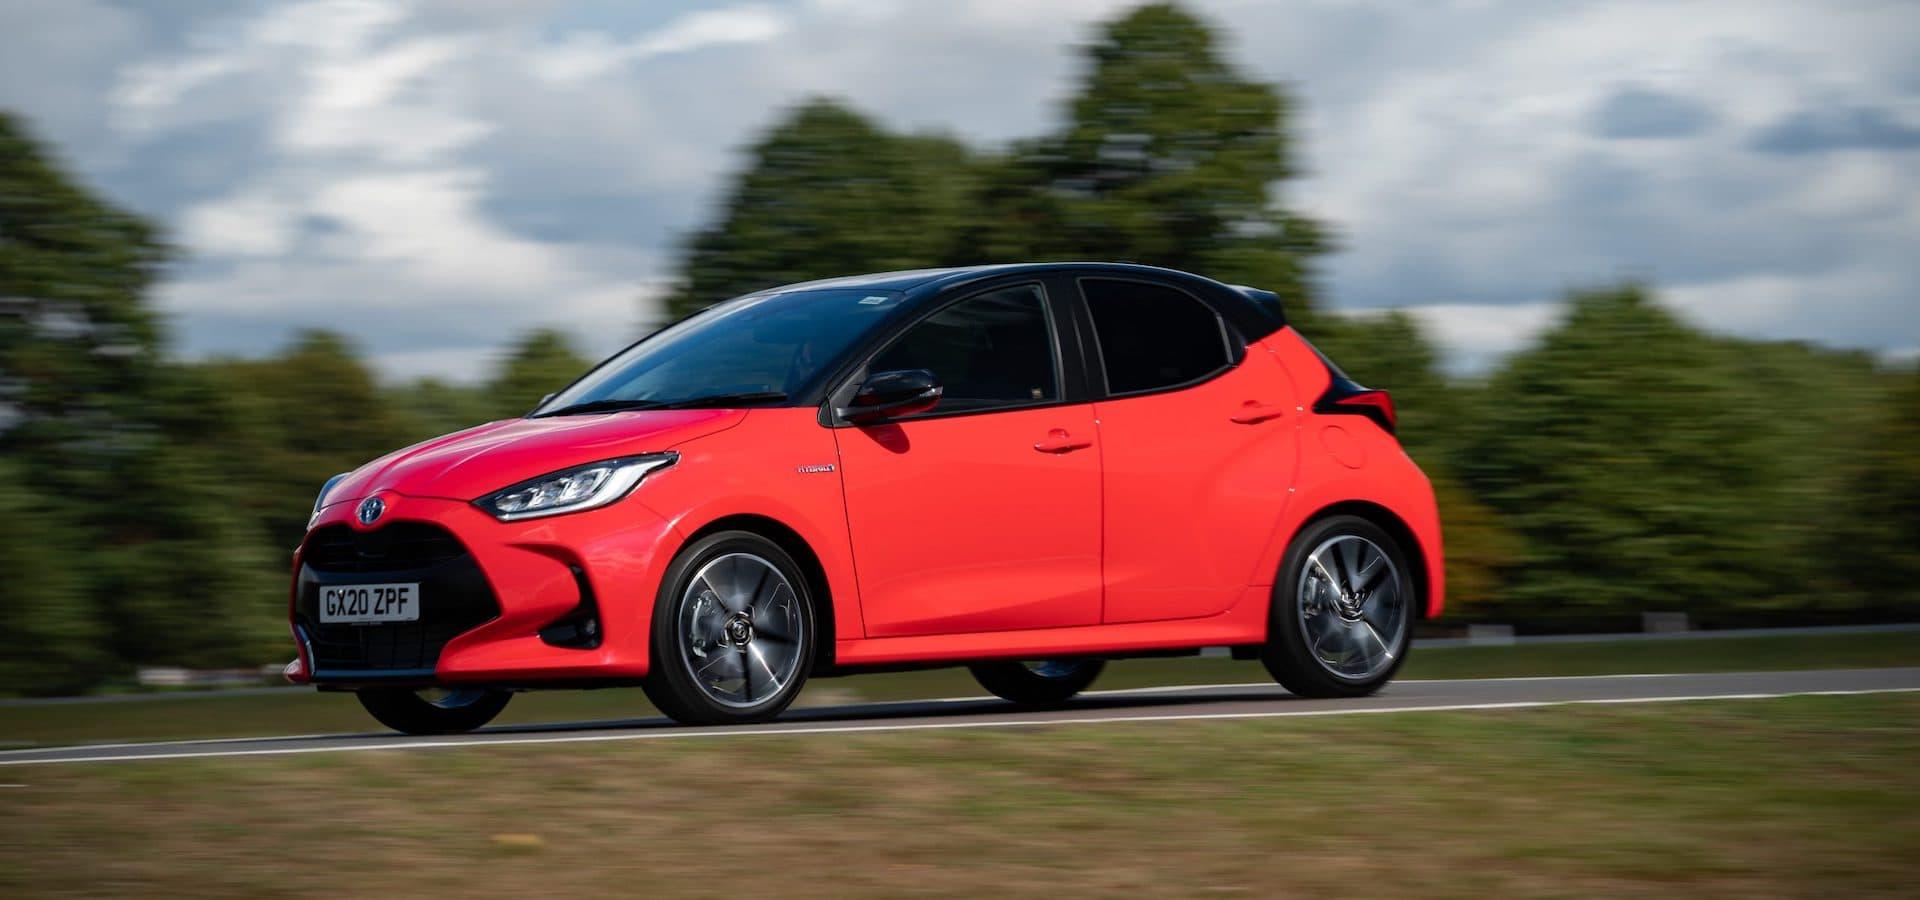 2020 Toyota Yaris review wallpaper